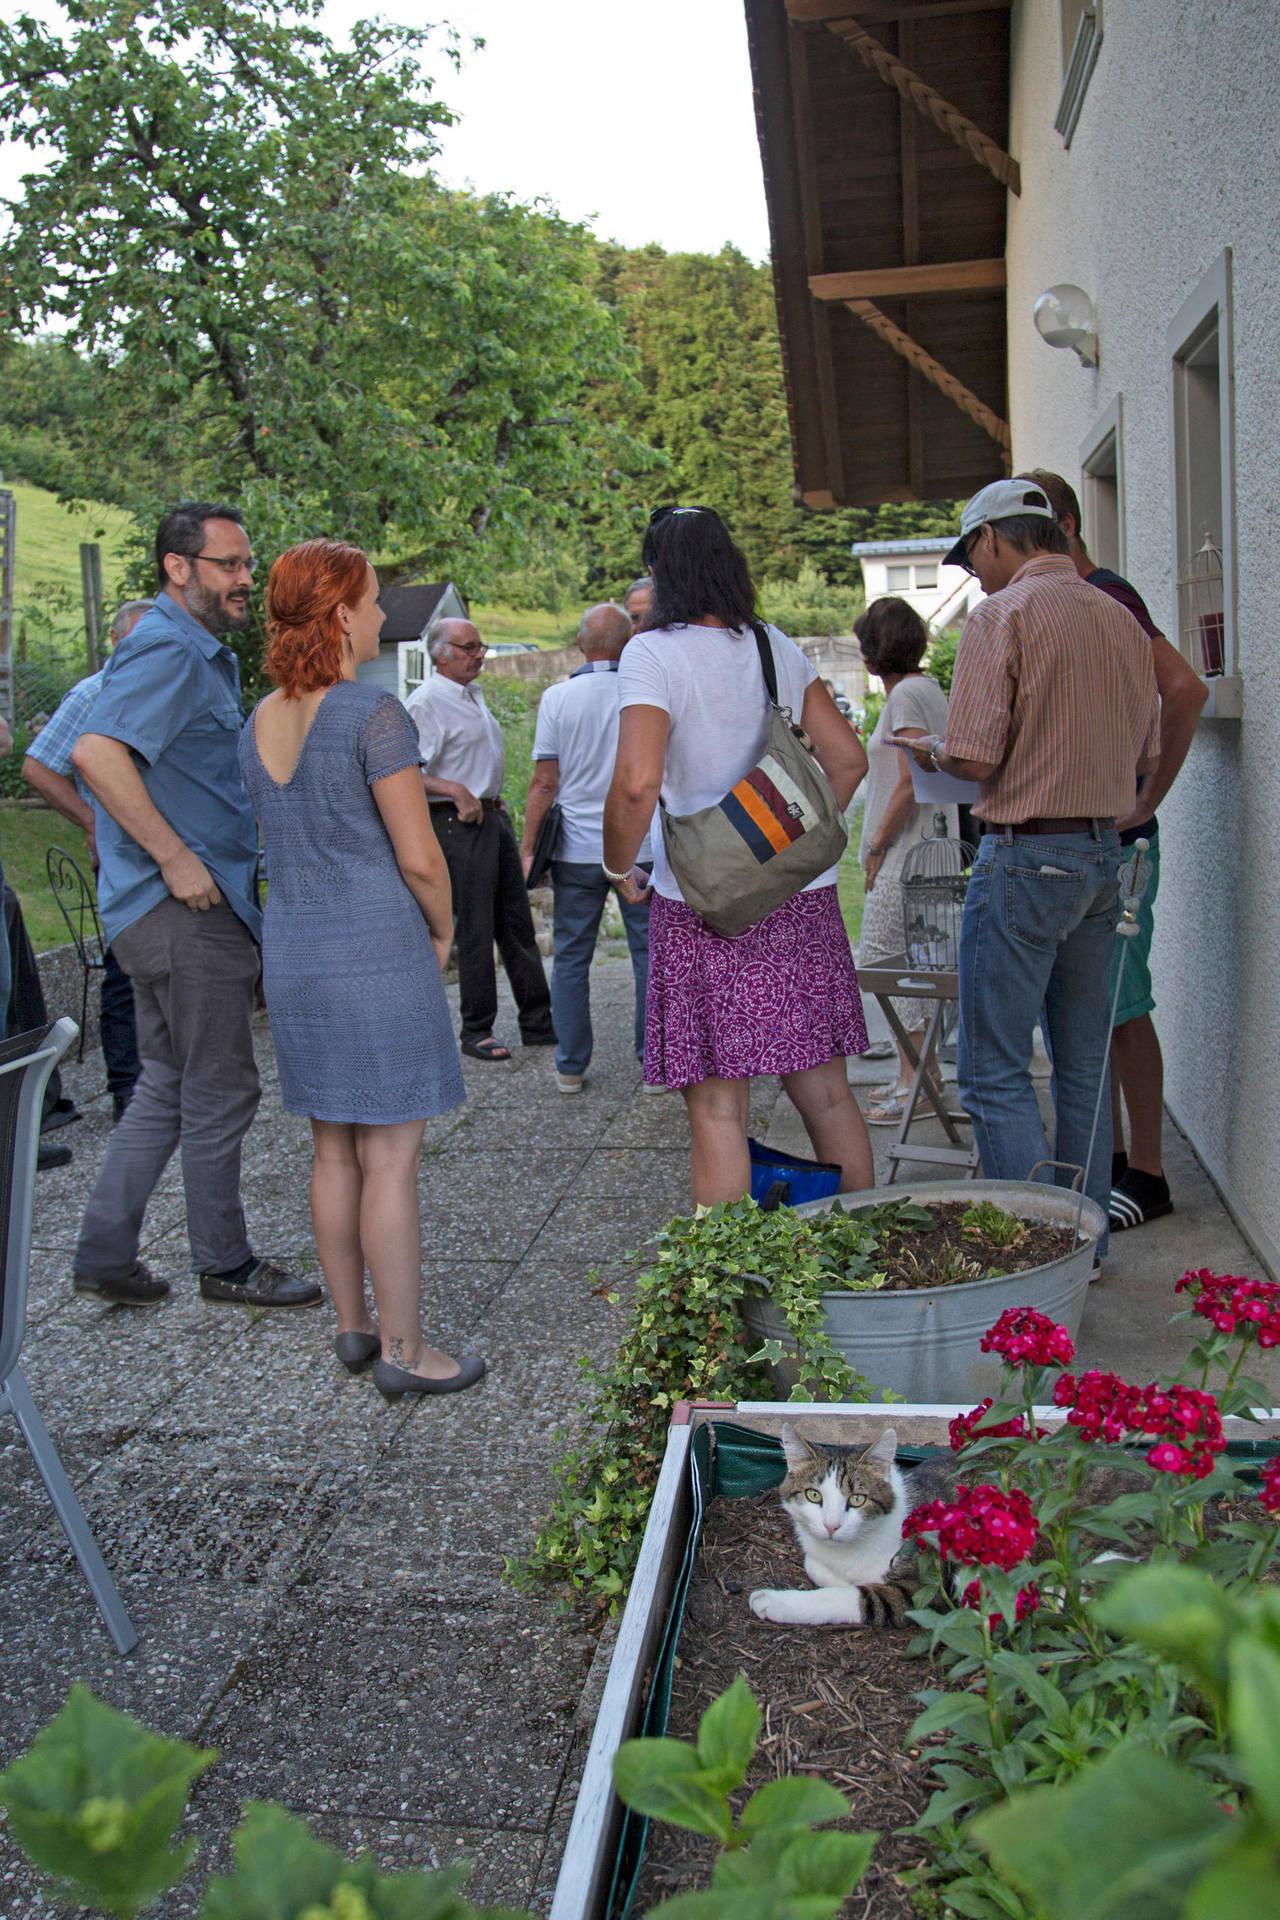 Les citoyens bavardent encore un peu avant le début de l'assemblée. Dans son jardin, leur hôte se montre détendue.